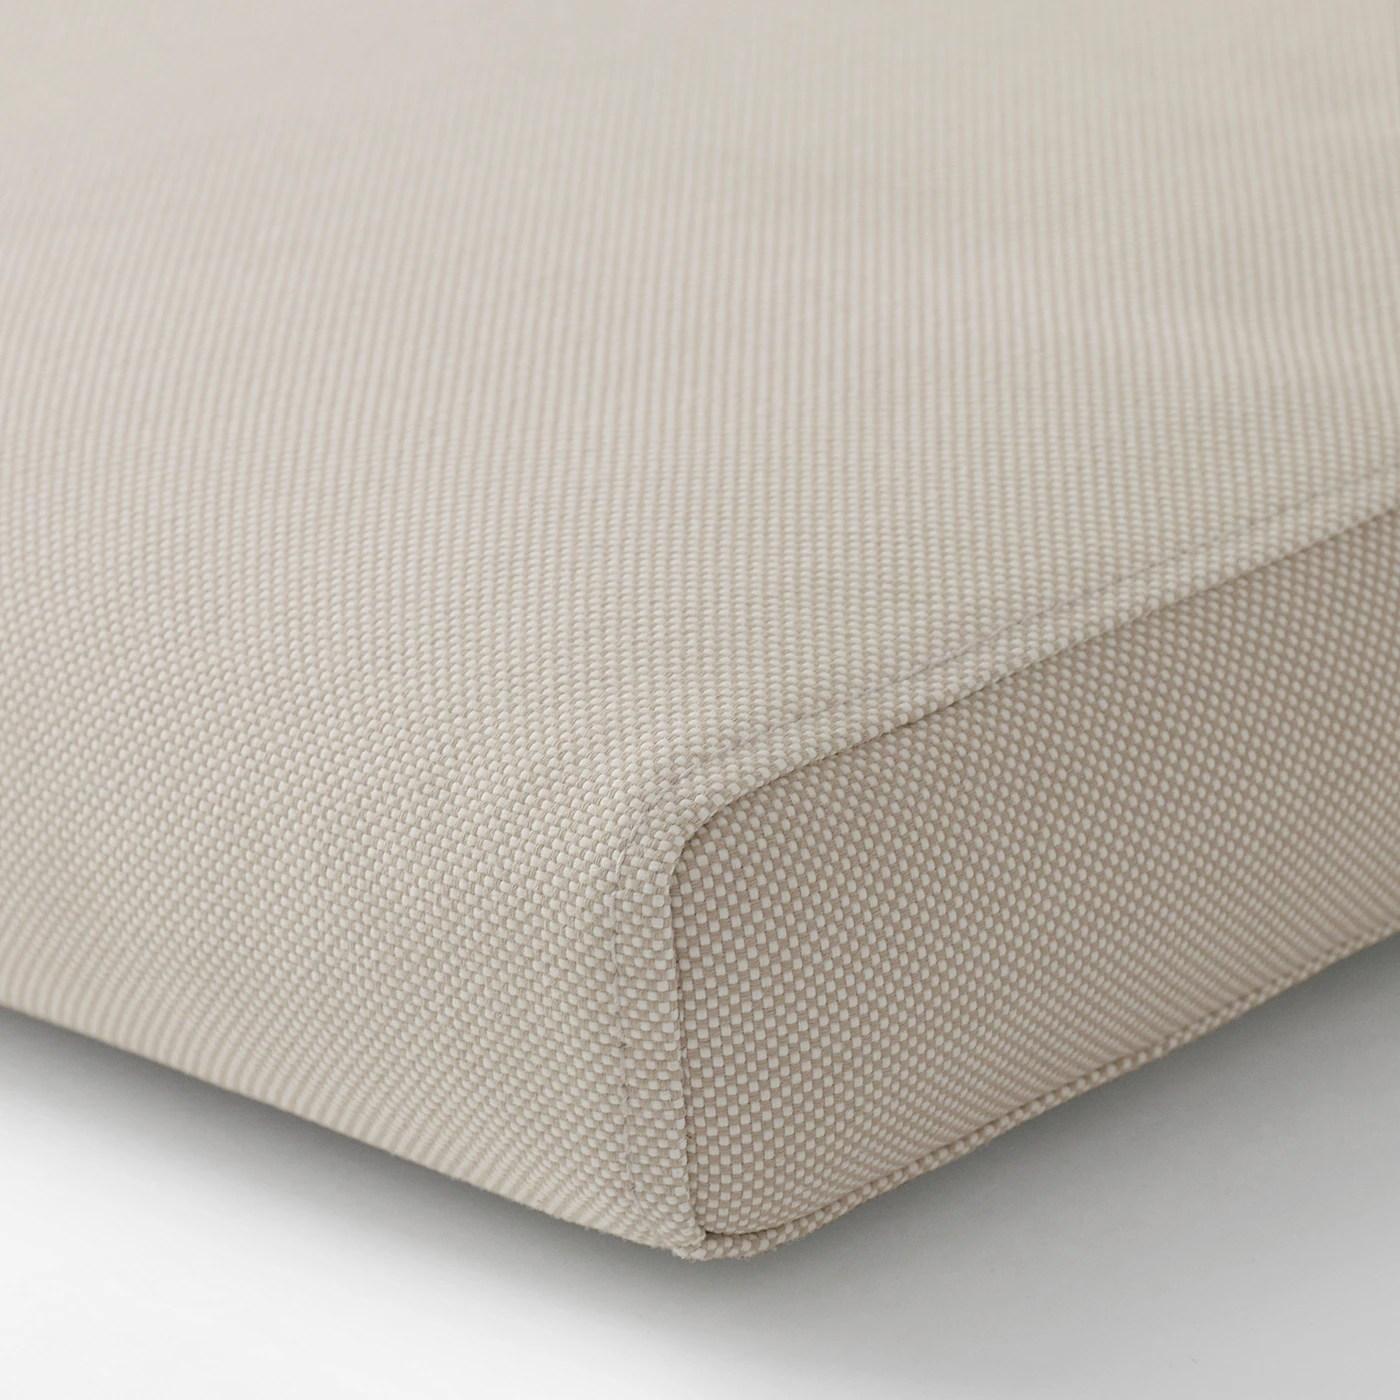 froson housse pour coussin de chaise exterieur beige 17 3 8x17 3 8 44x44 cm